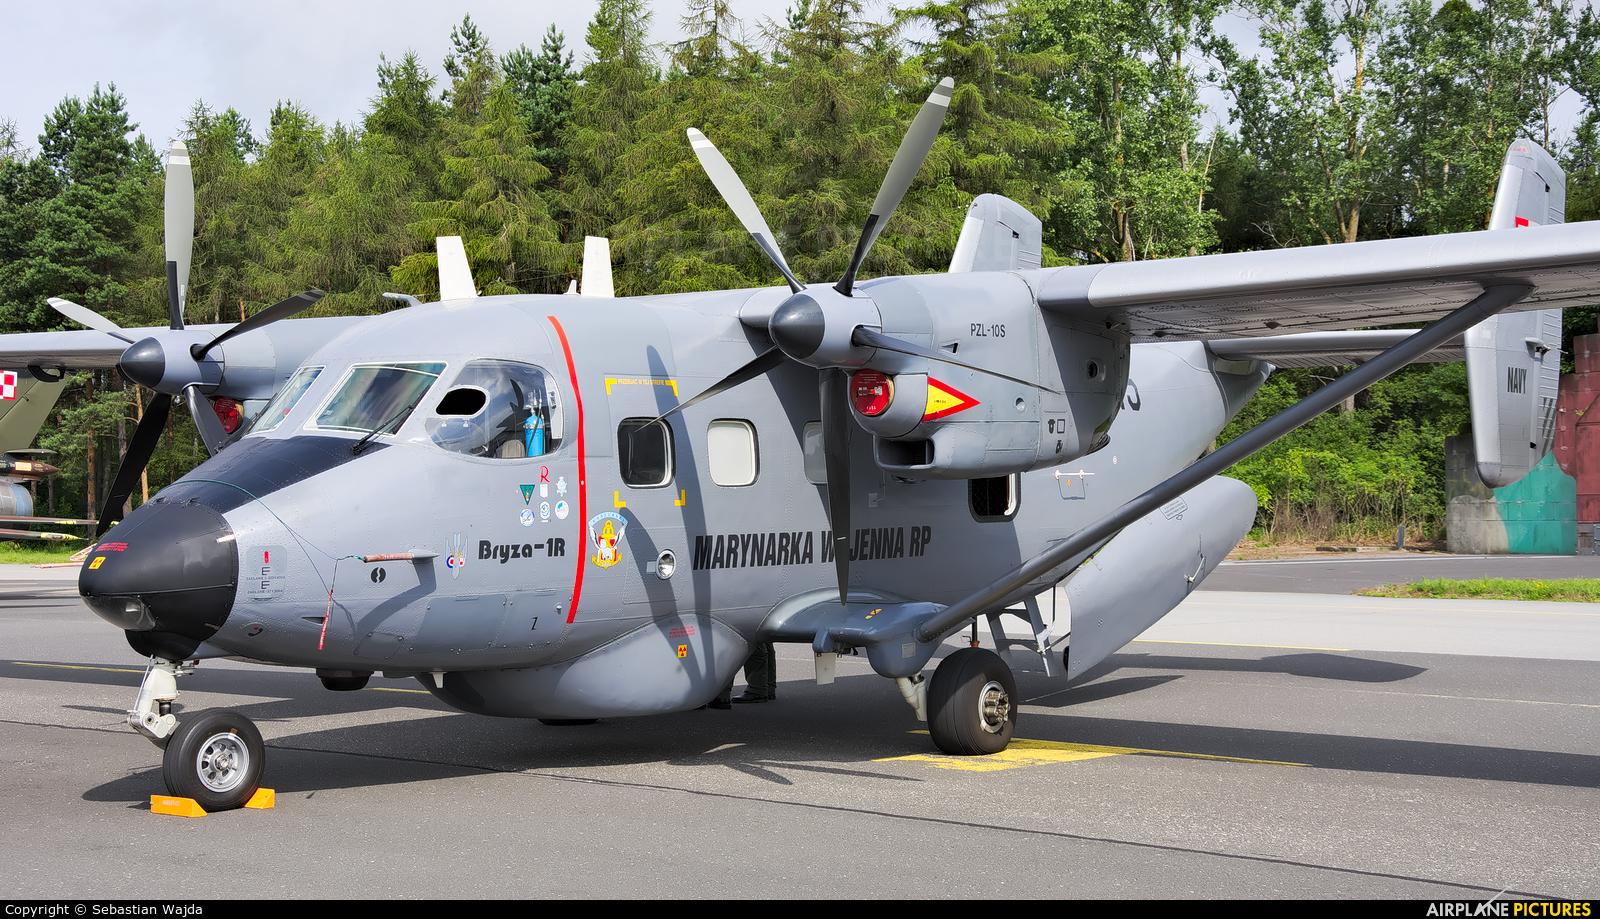 Poland - Navy 1115 aircraft at Gdynia- Babie Doły (Oksywie)